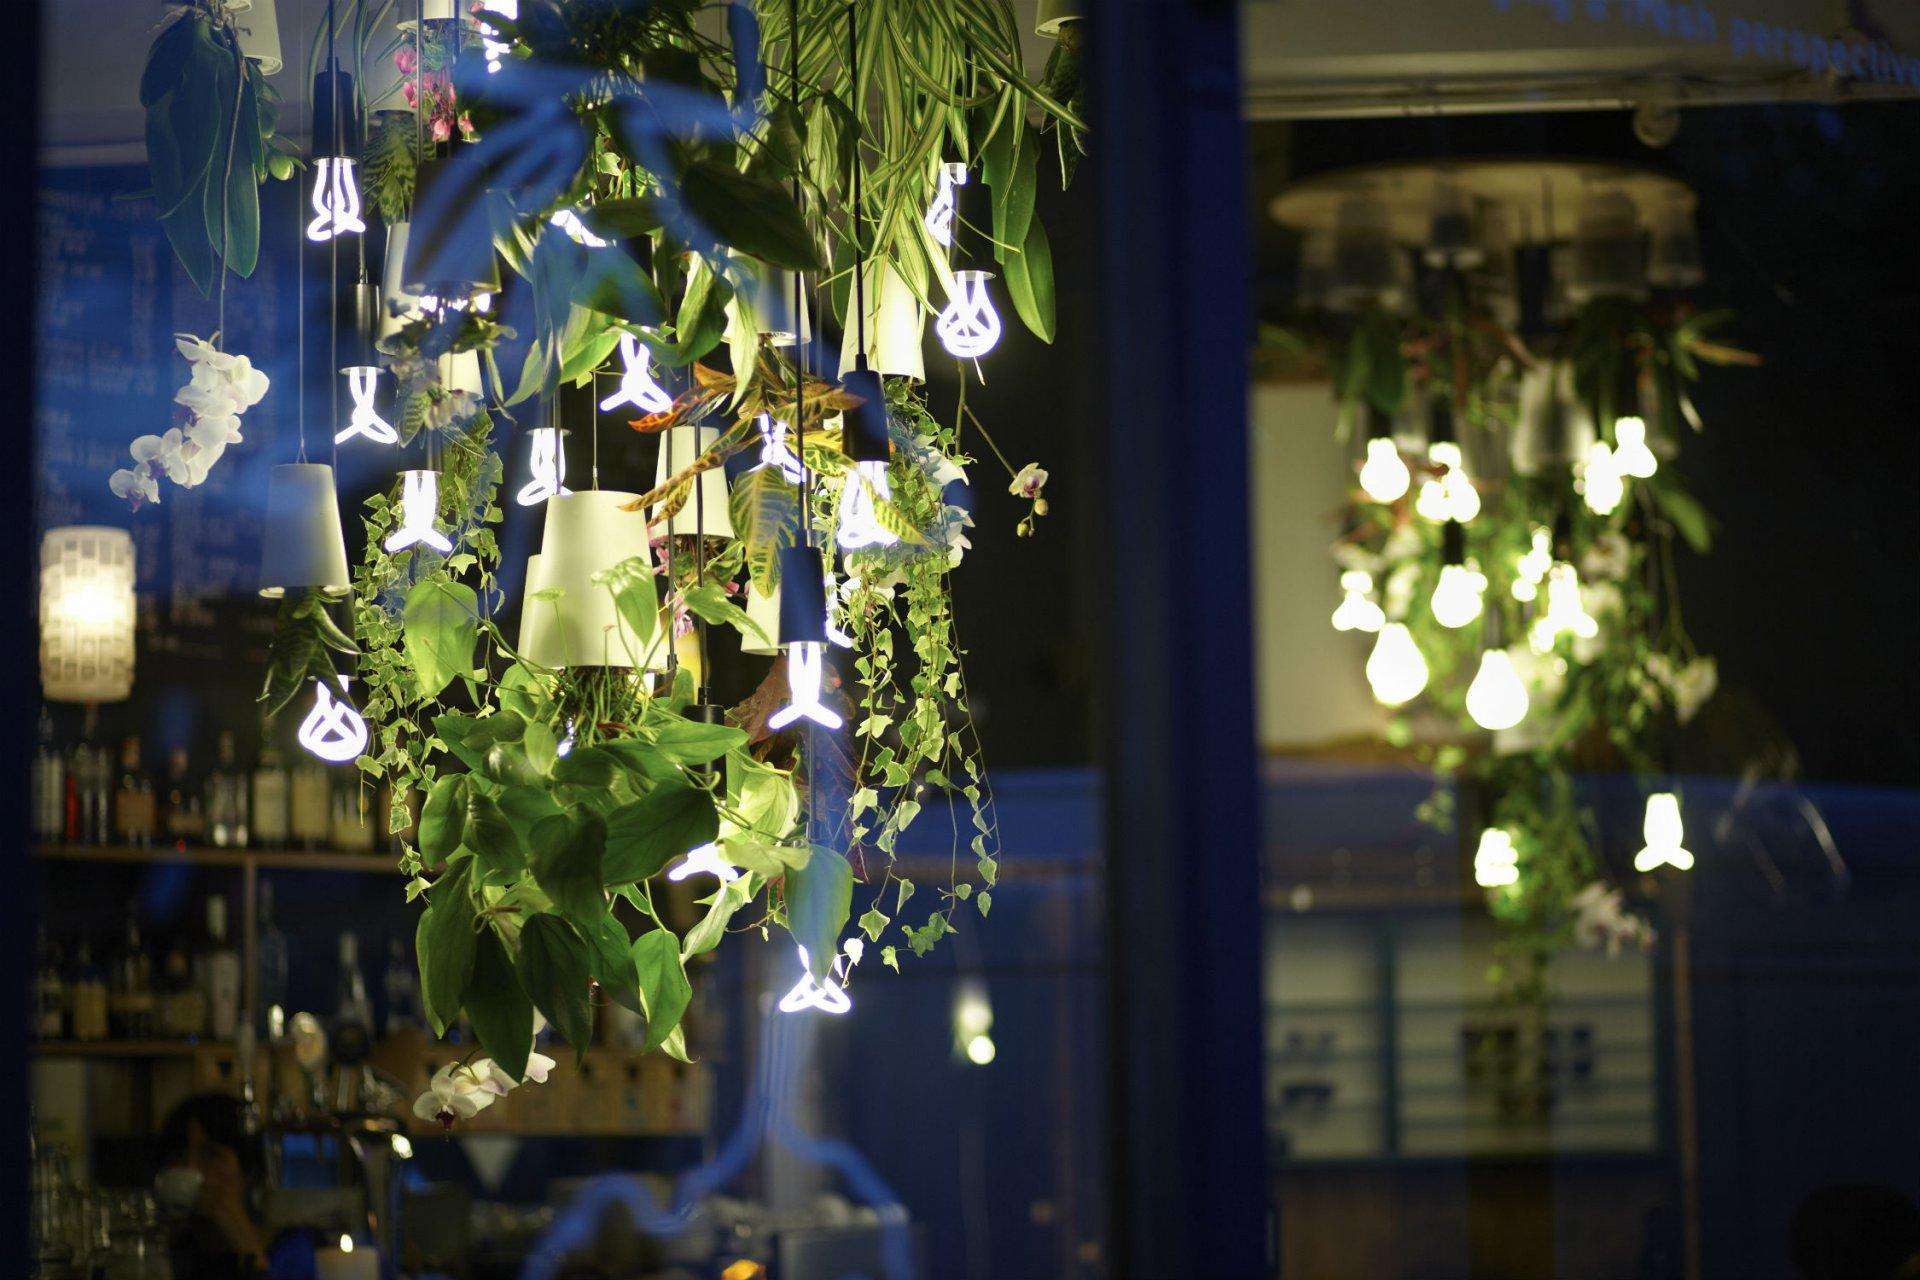 BoskkeXPlumen003 Boskke Installation Hulger